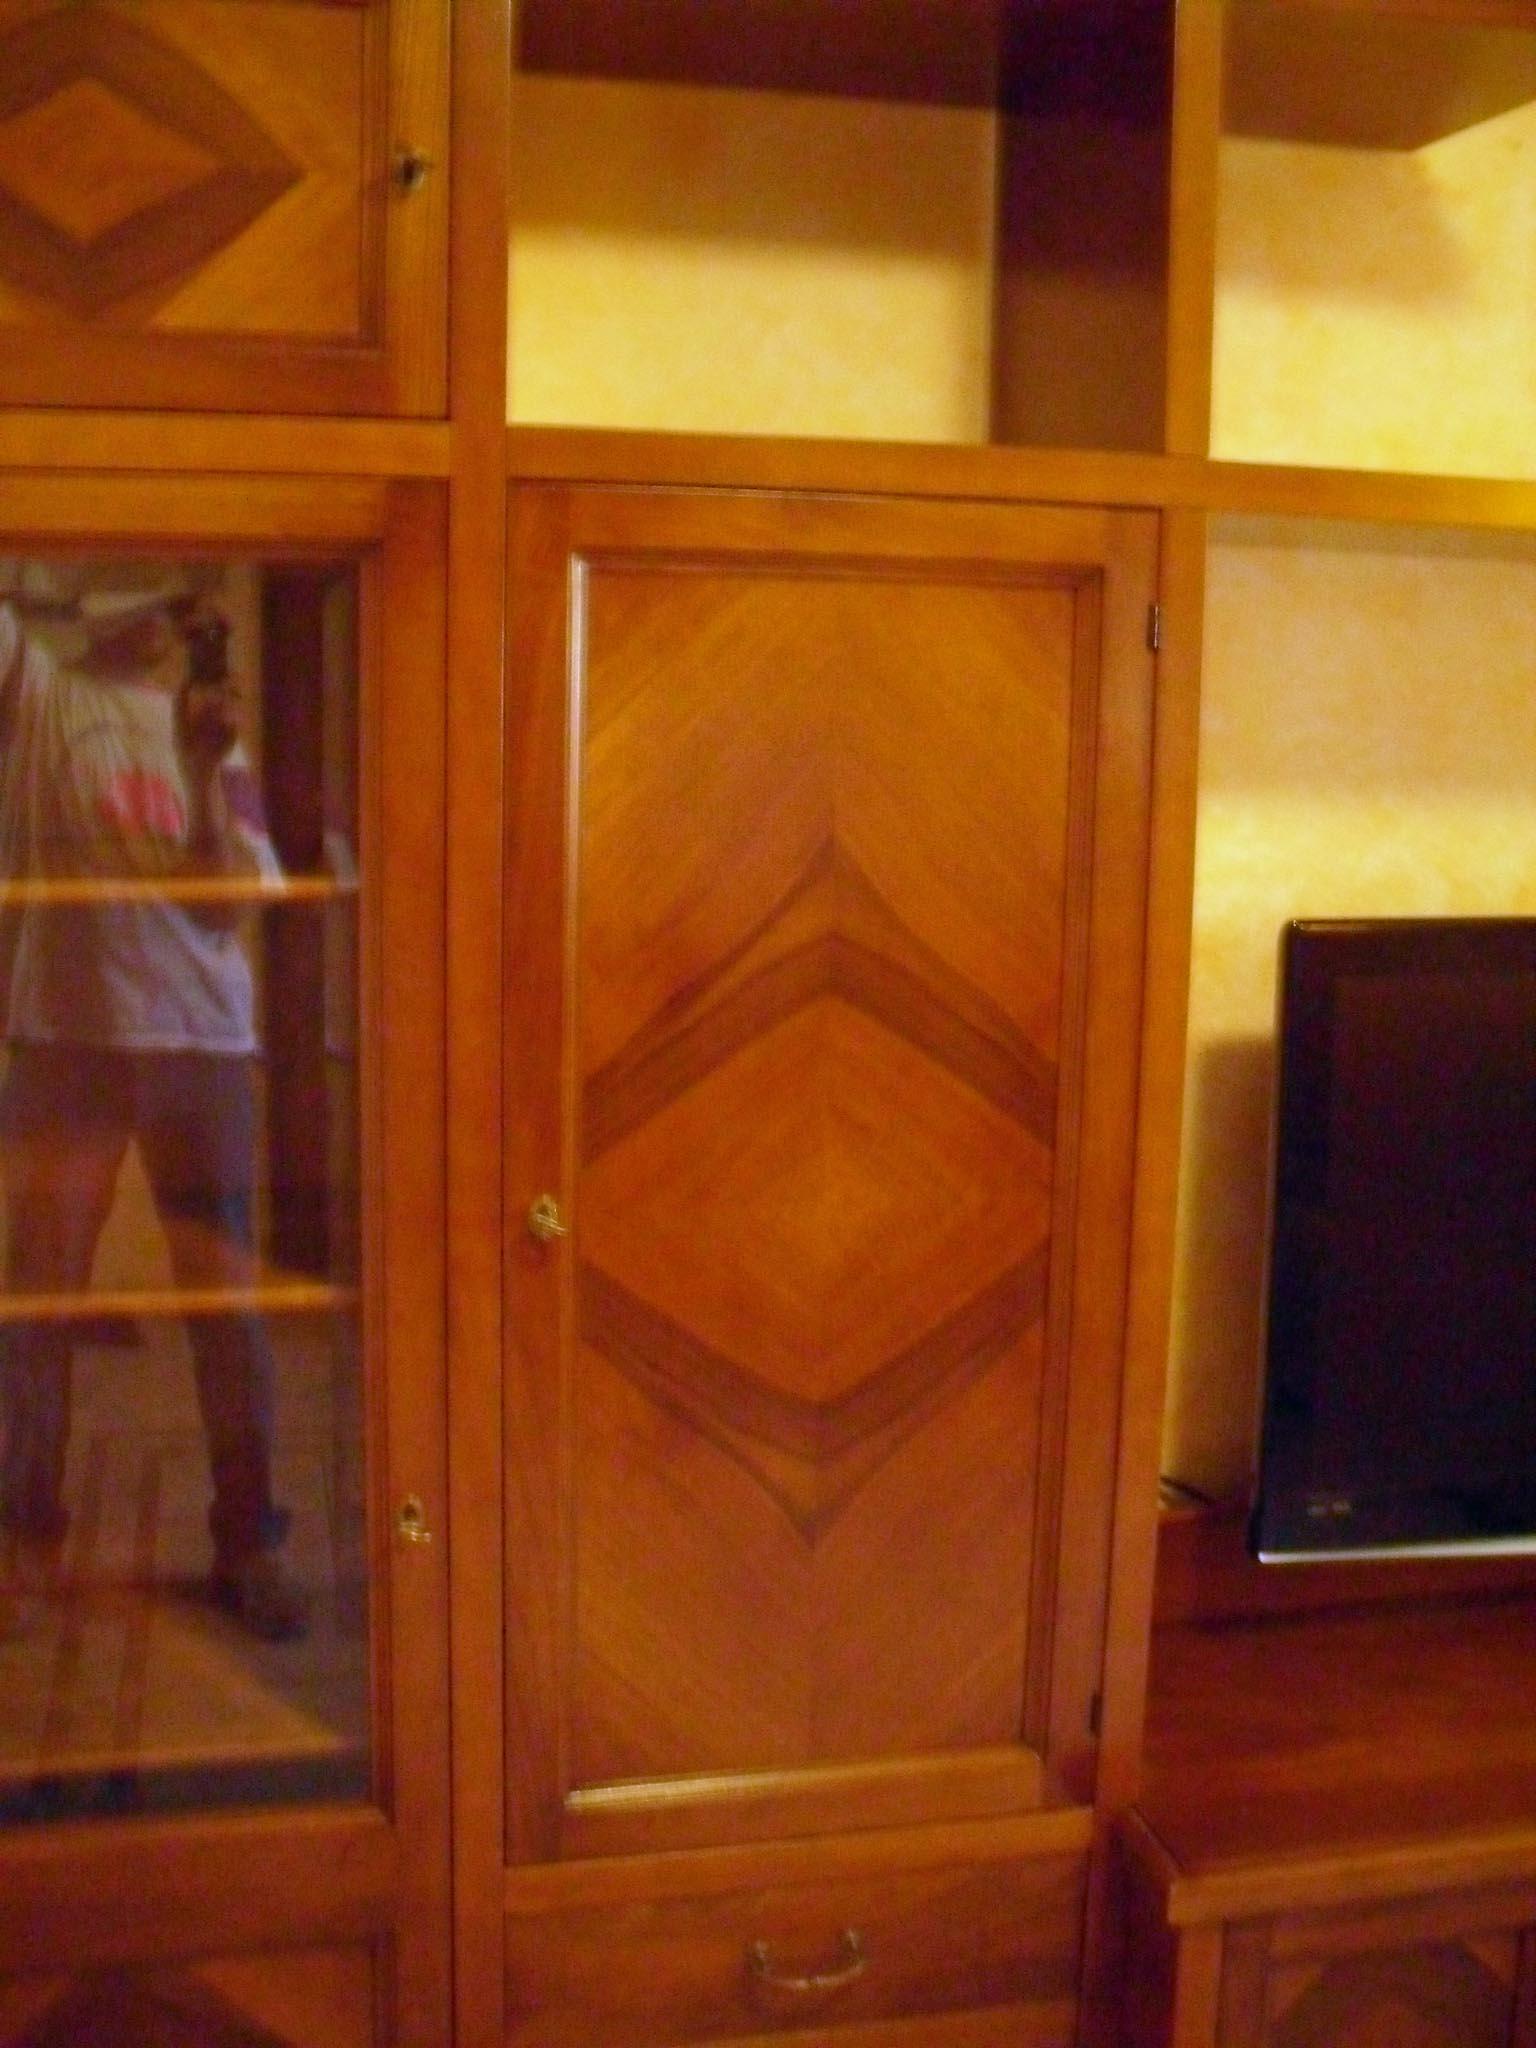 Mobile soggiorno classico su misura noce massello la commode di davide corno - Mobili soggiorno su misura ...